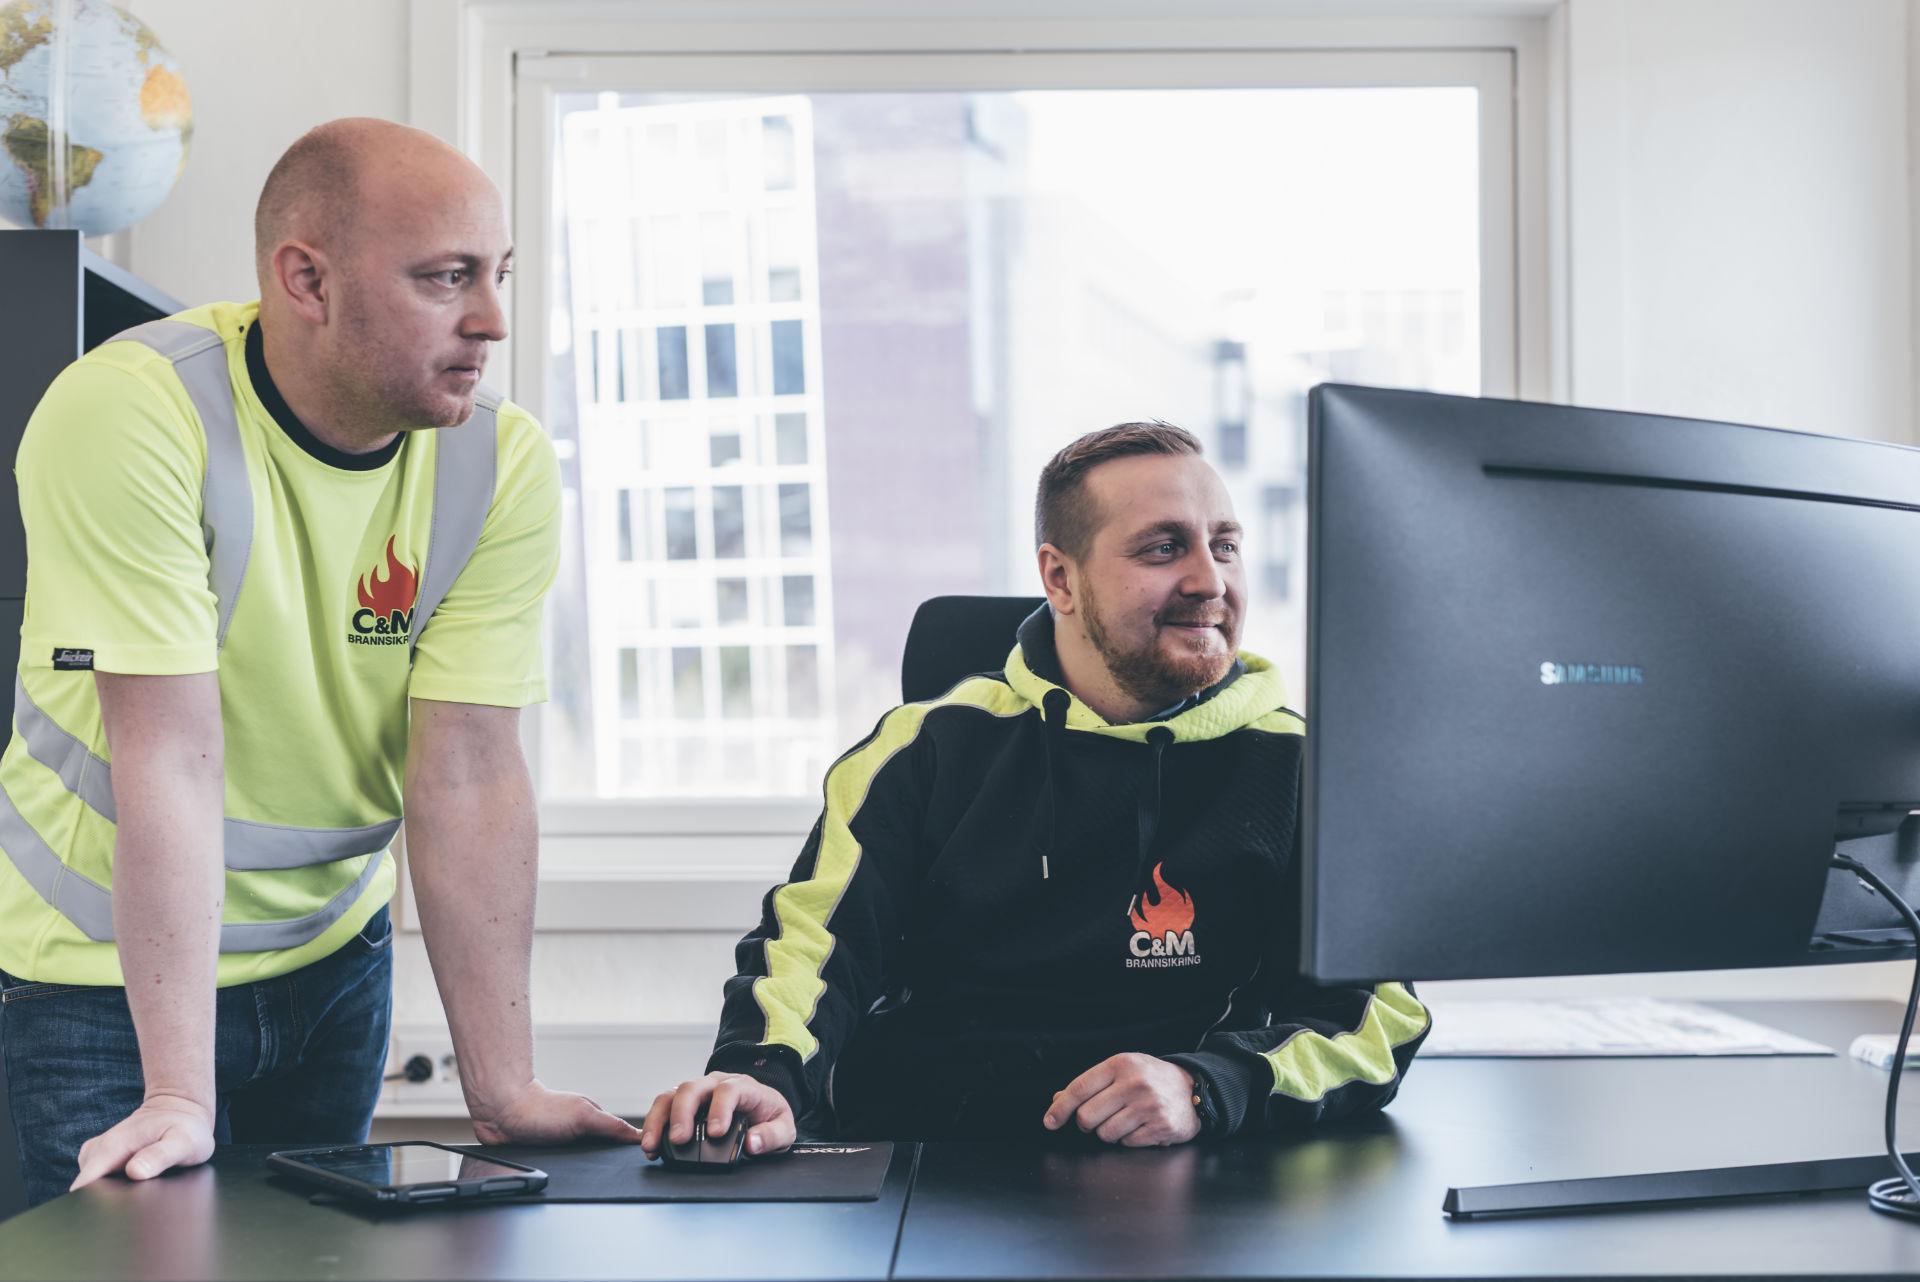 Christer og Michael, står ved datamaskin på kontoret